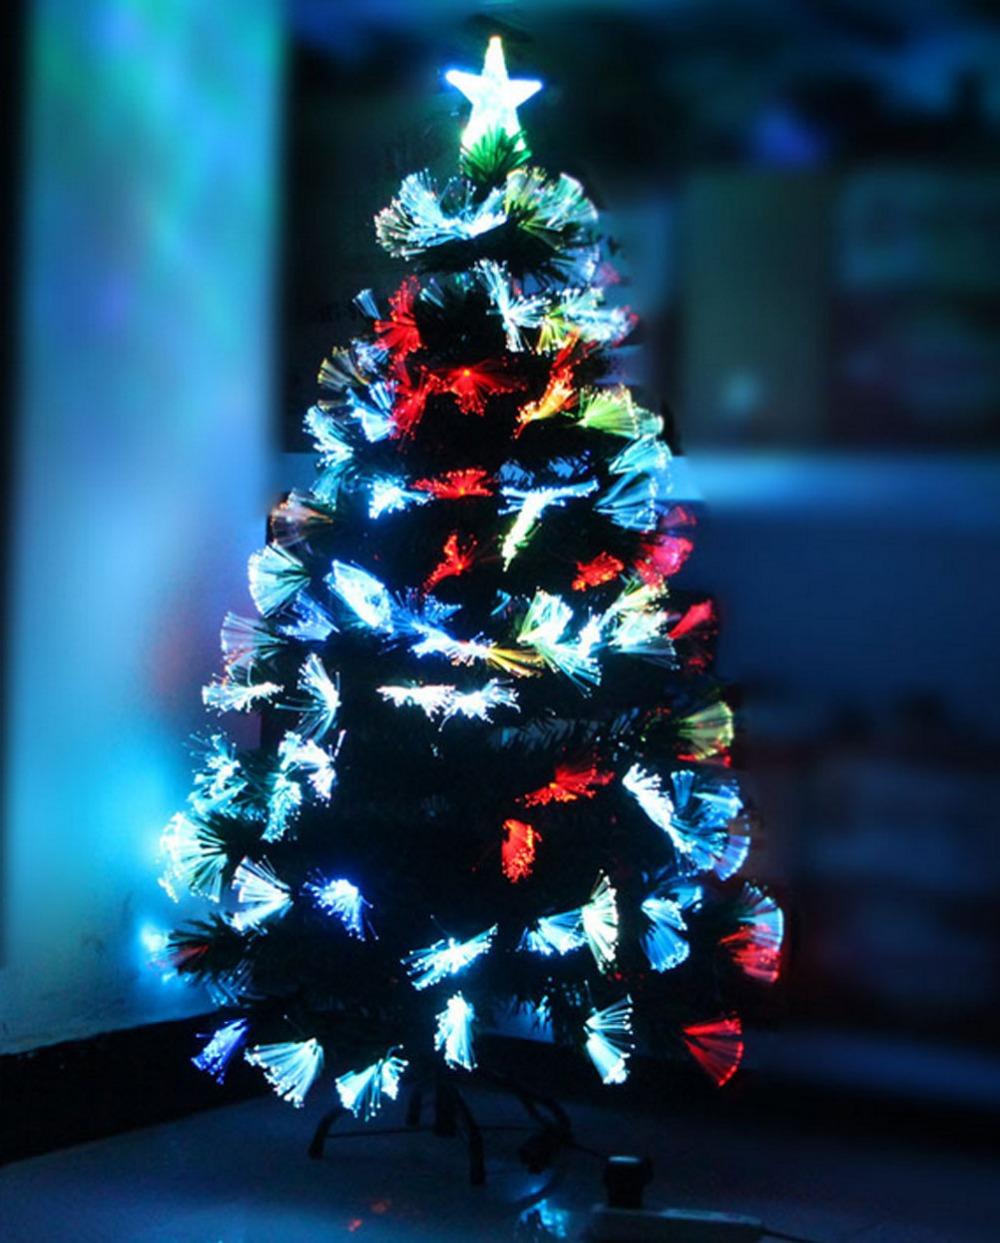 Decorador de arboles de navidad 187 home design 2017 - 180 Cm Nuevo Llega Decoraci N Del Rbol De Navidad Con La Luz Llevada Colorida De Fibra